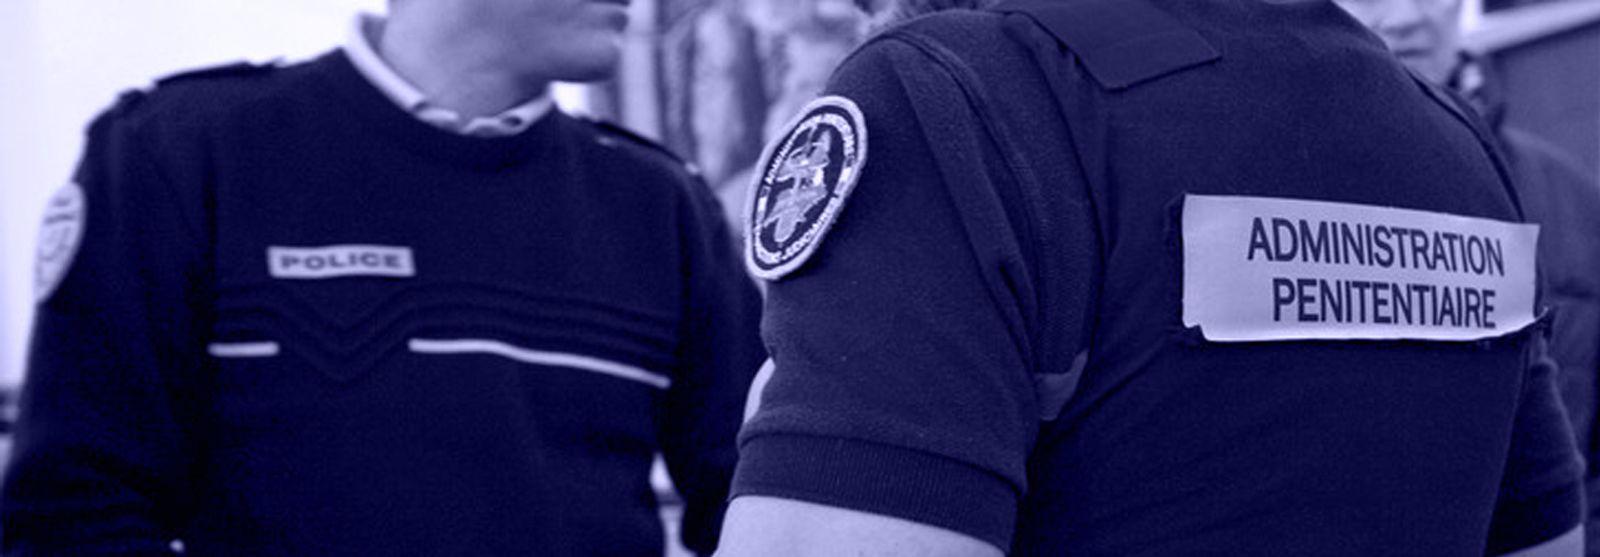 Protection juridique des forces de l'ordre